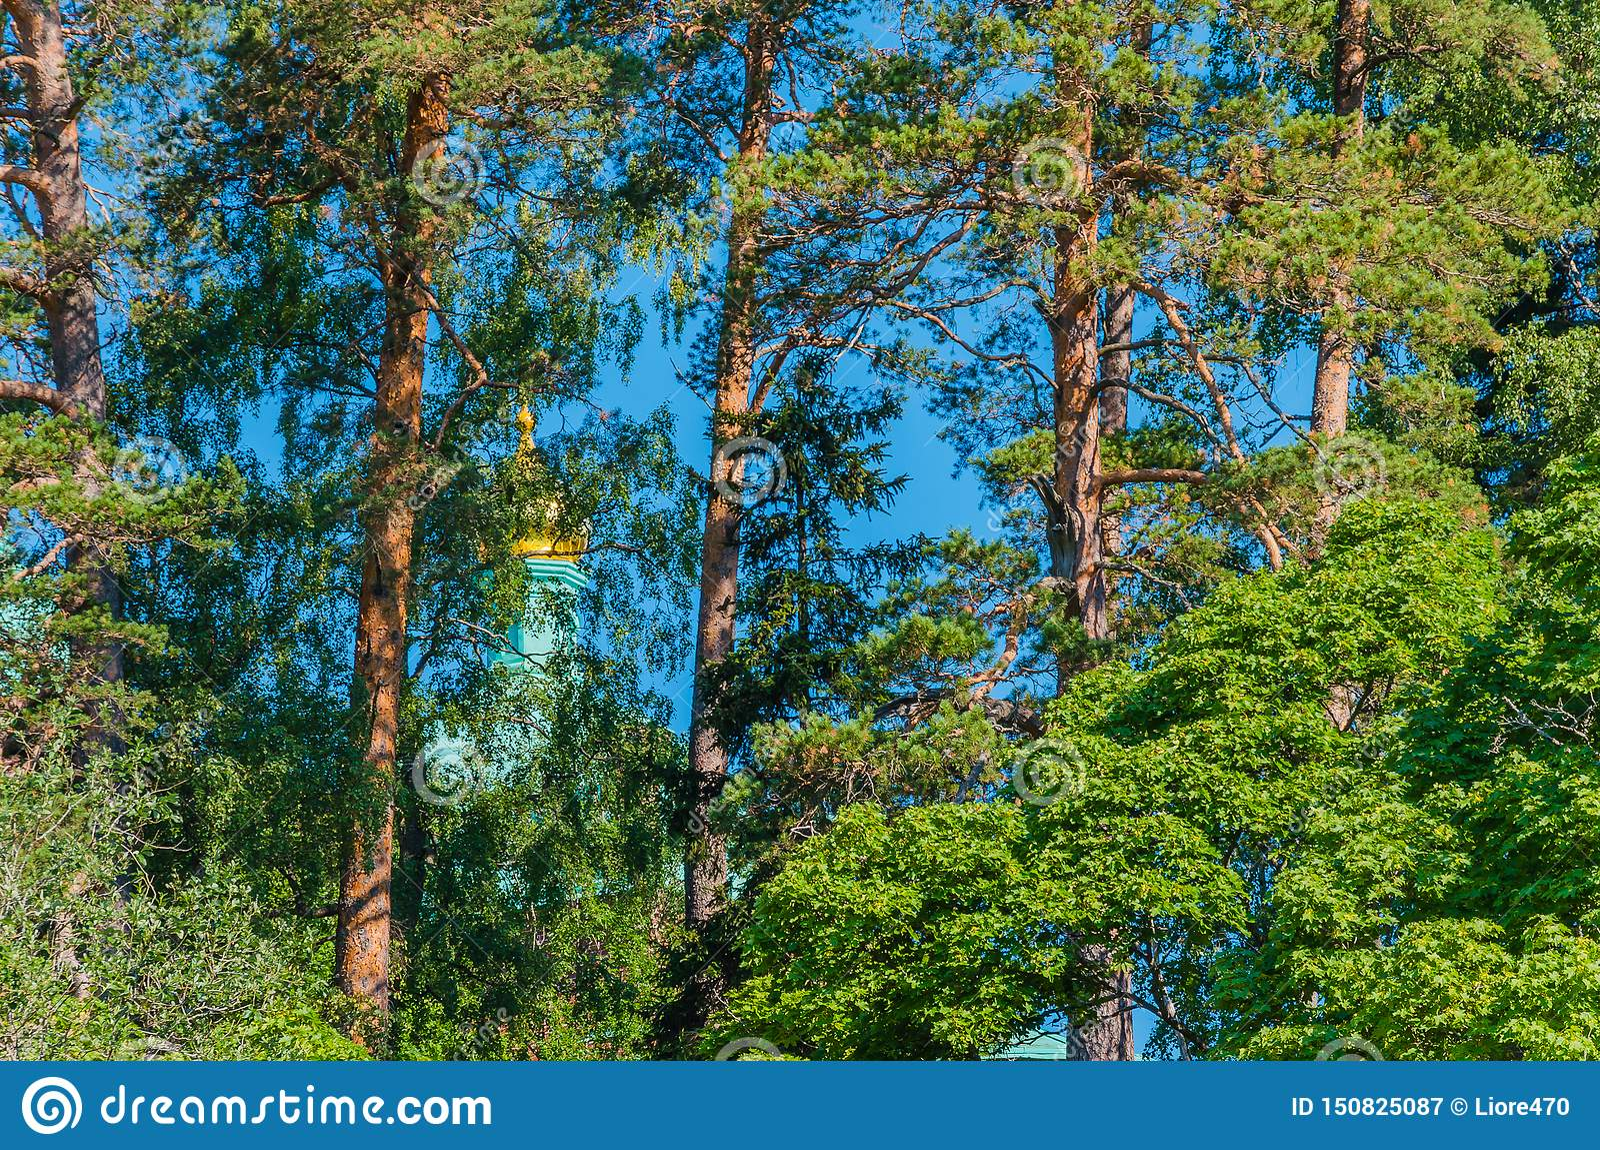 瓦拉姆群岛美丽的杉木,躲藏起来从寺庙爱管闲事者 根据传奇,瓦拉姆群岛是无法获得的对不轻信者